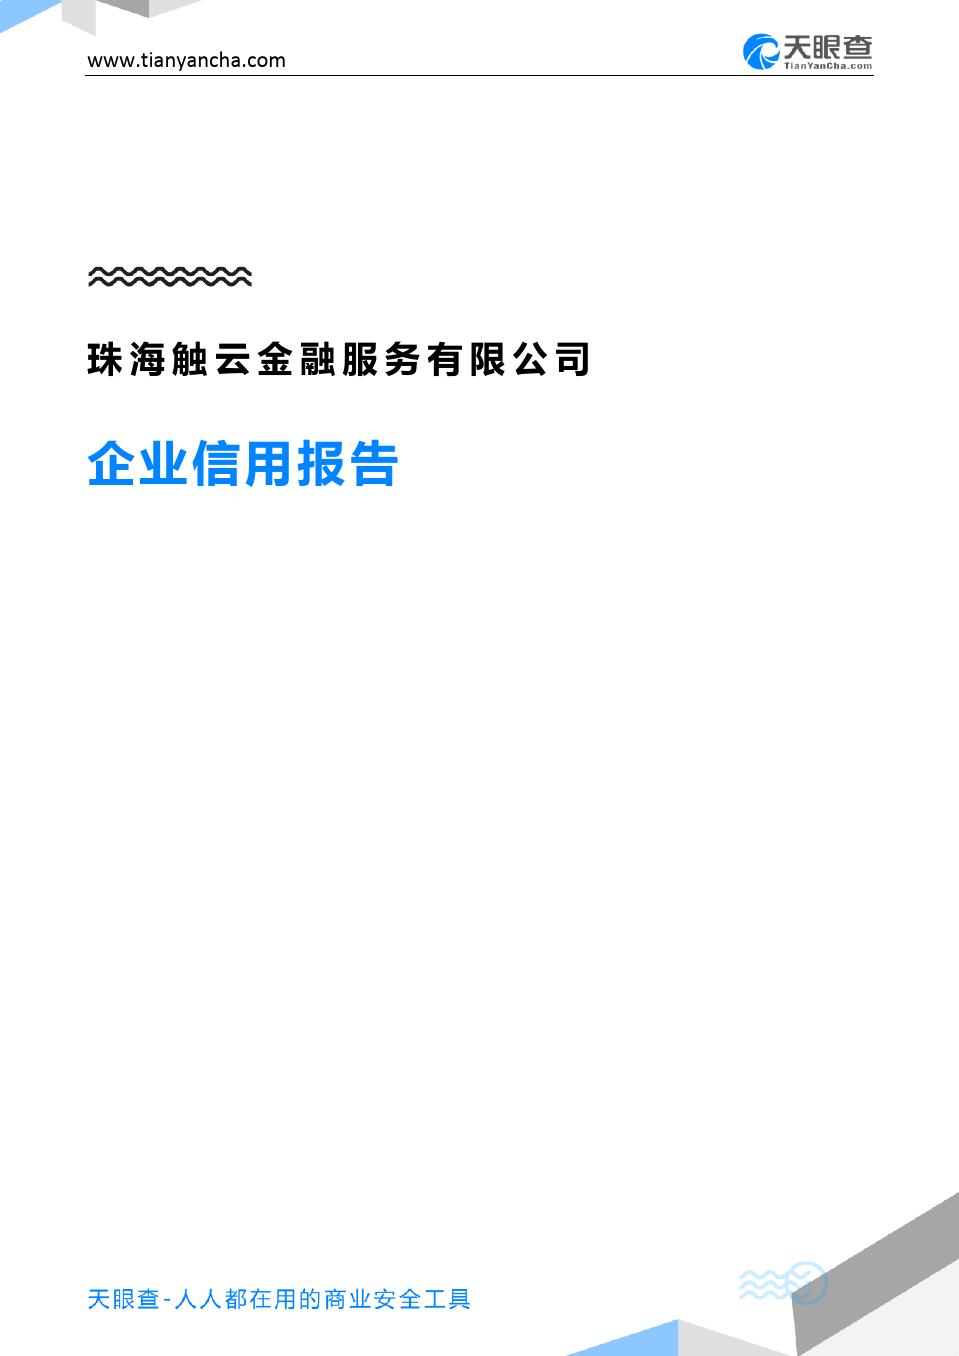 珠海触云金融服务有限公司(企业信用报告)- 天眼查